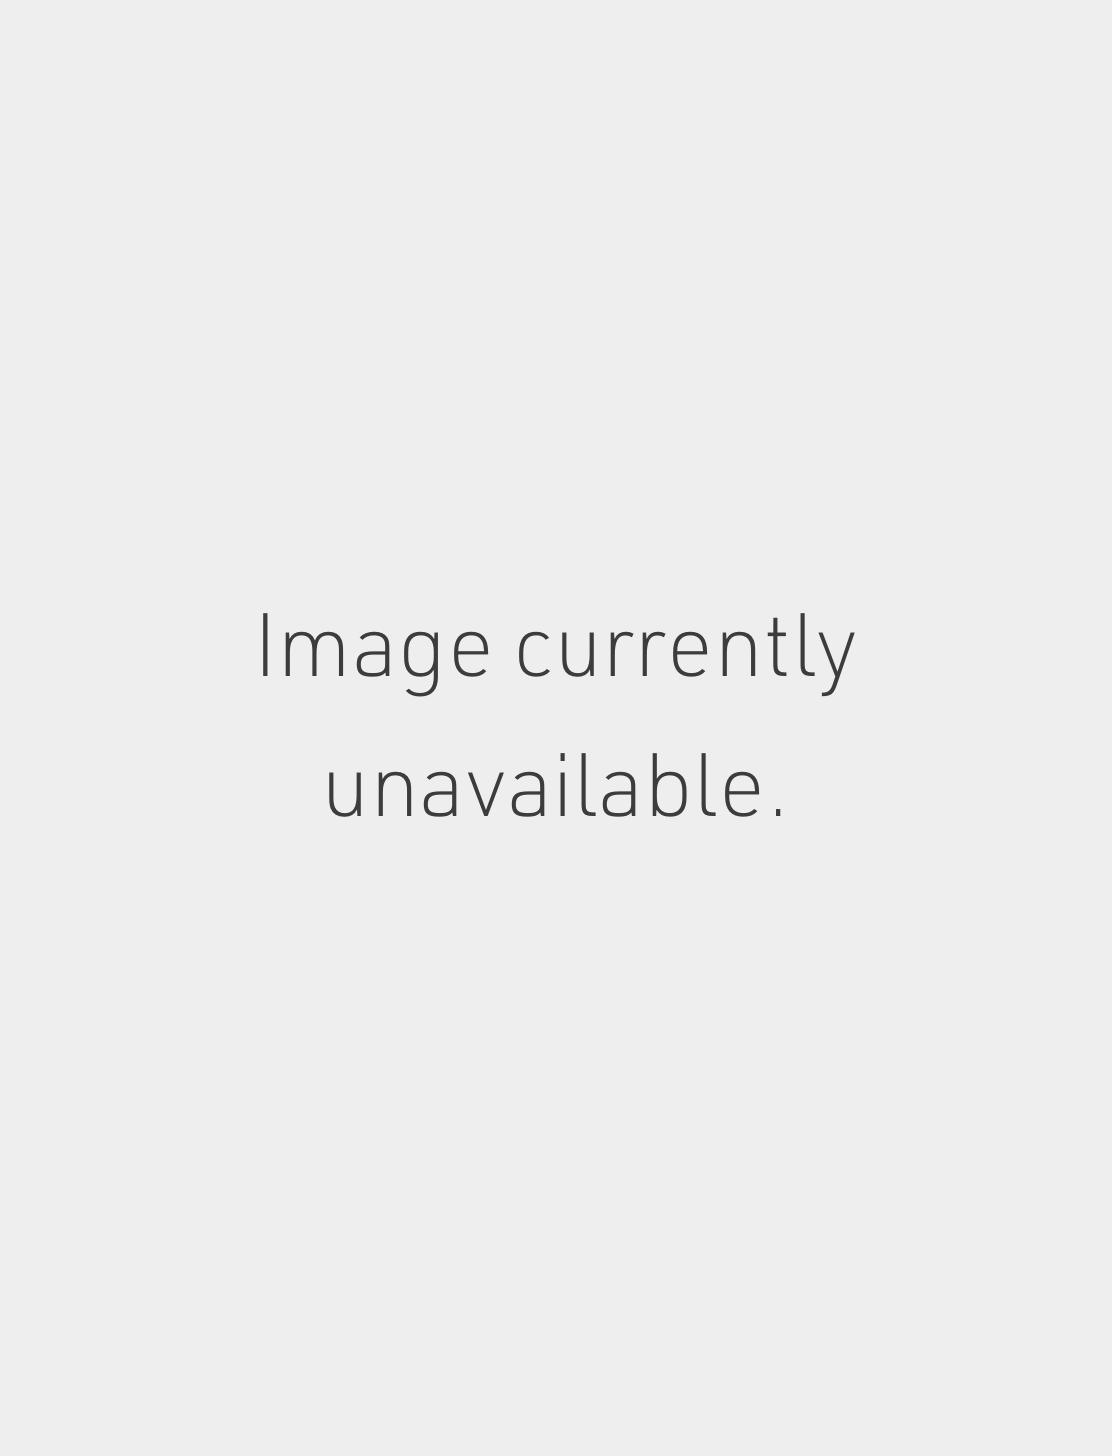 14k 25mm Flat Hoop Earring - WHITE GOLD Image #1